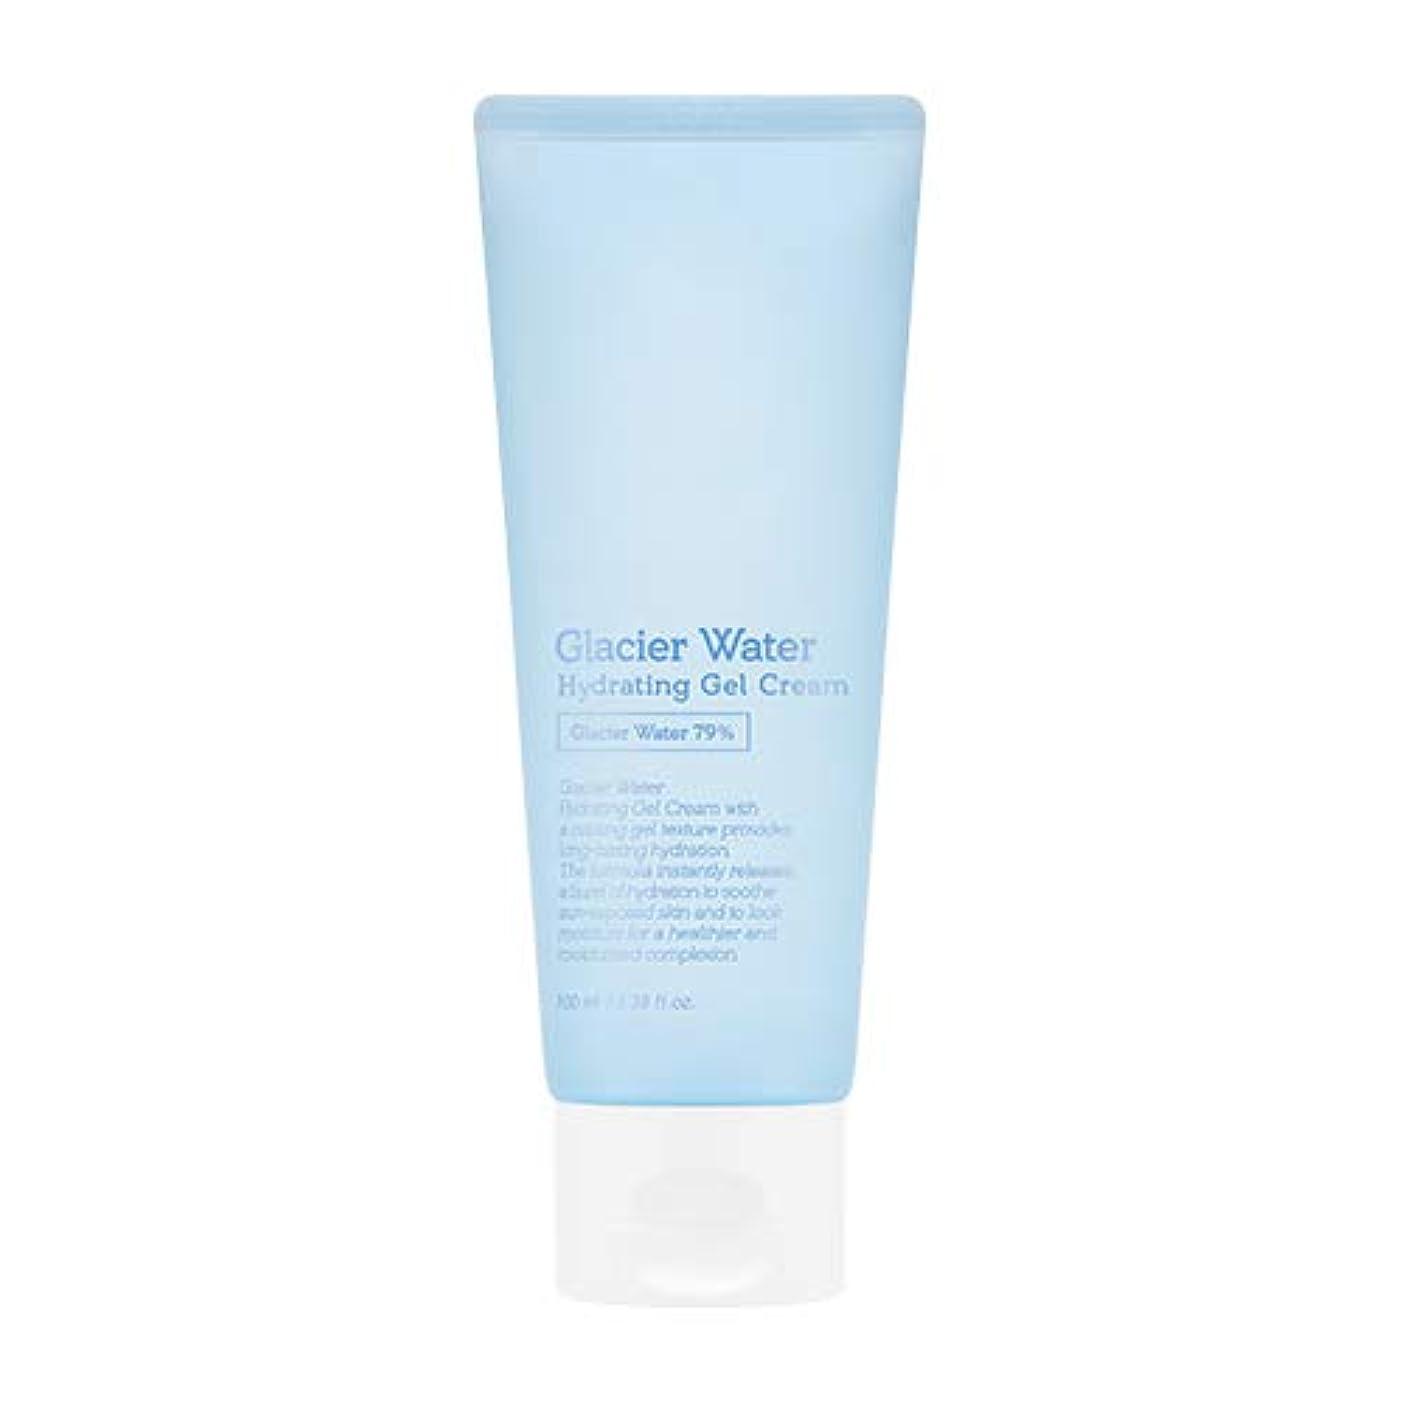 許容詩人終わりアピュ 氷河水 ハイドレーティングゲルクリーム [大容量] / A'PIEU Glacier Water Hydrating Gel Cream 100ml [並行輸入品]